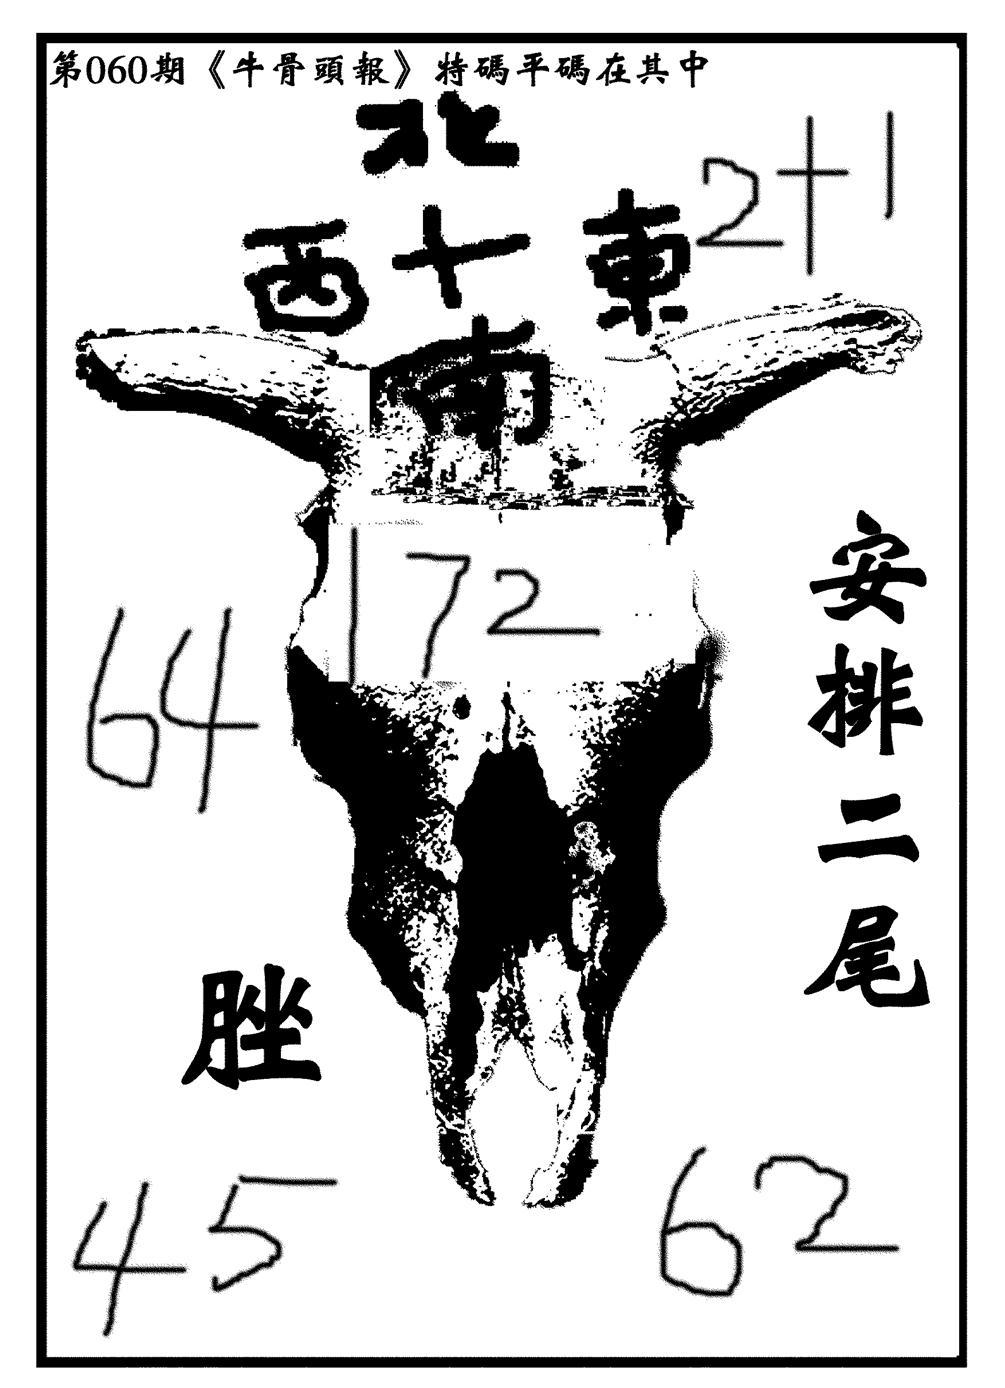 060期牛头报(黑白)